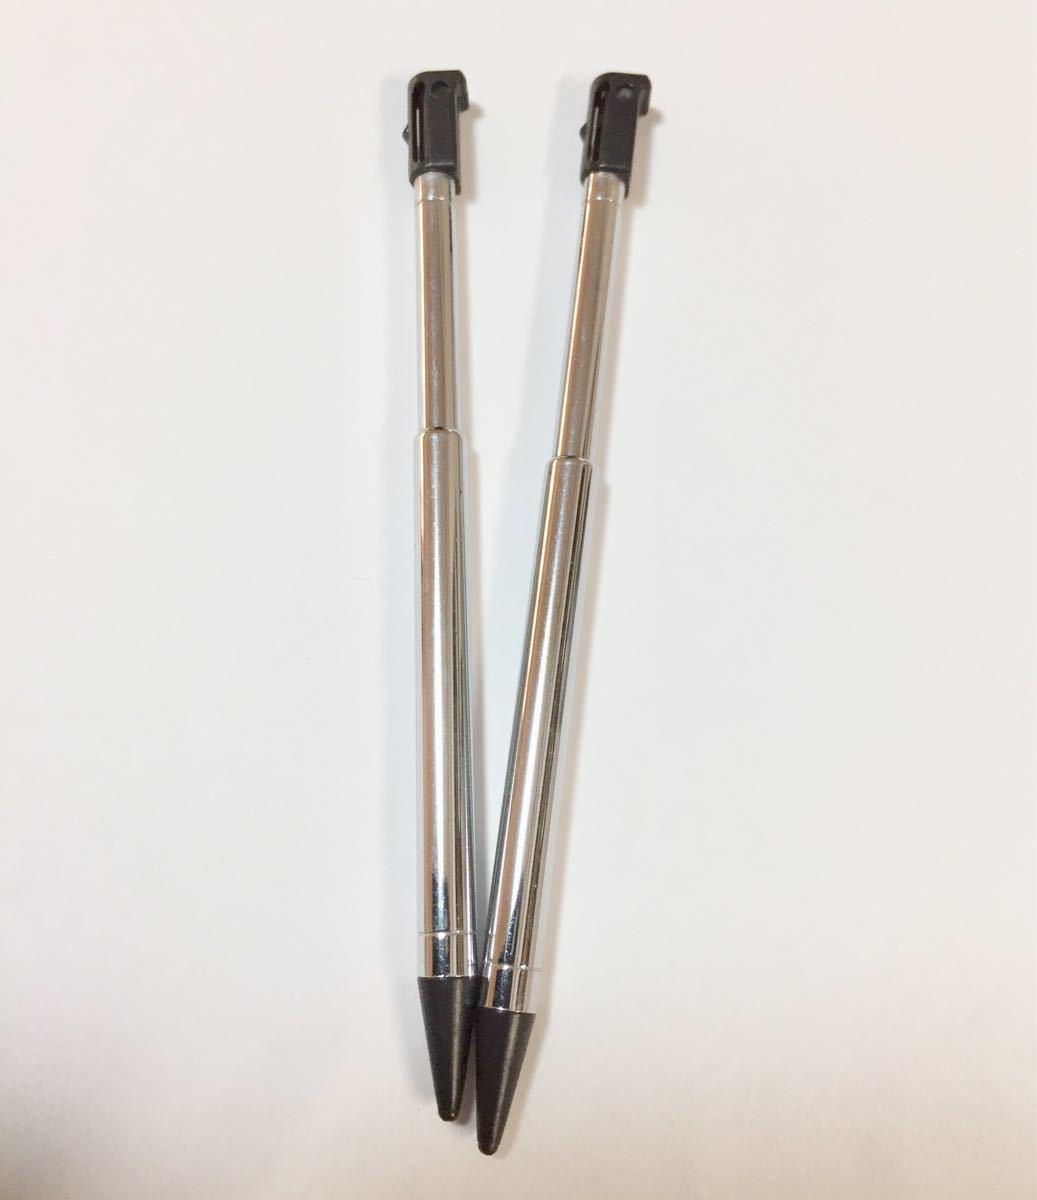 《新品・即購入可・匿名配送》 ● ニンテンドー 3DS 専用 タッチペン 2本